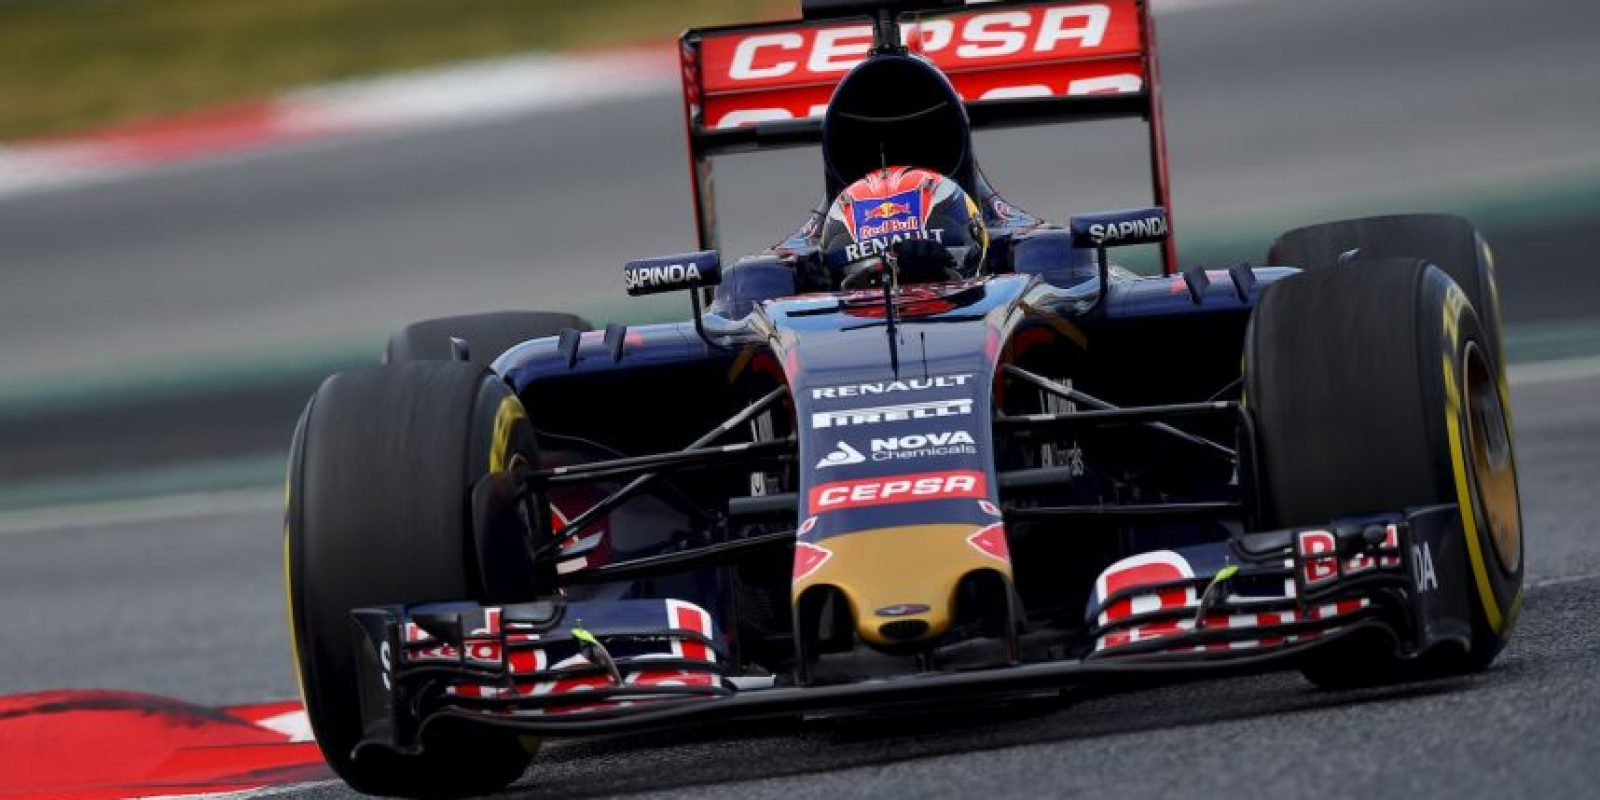 En este equipo manejó el tetracampeón Sebastian Vettel Foto:Getty Images